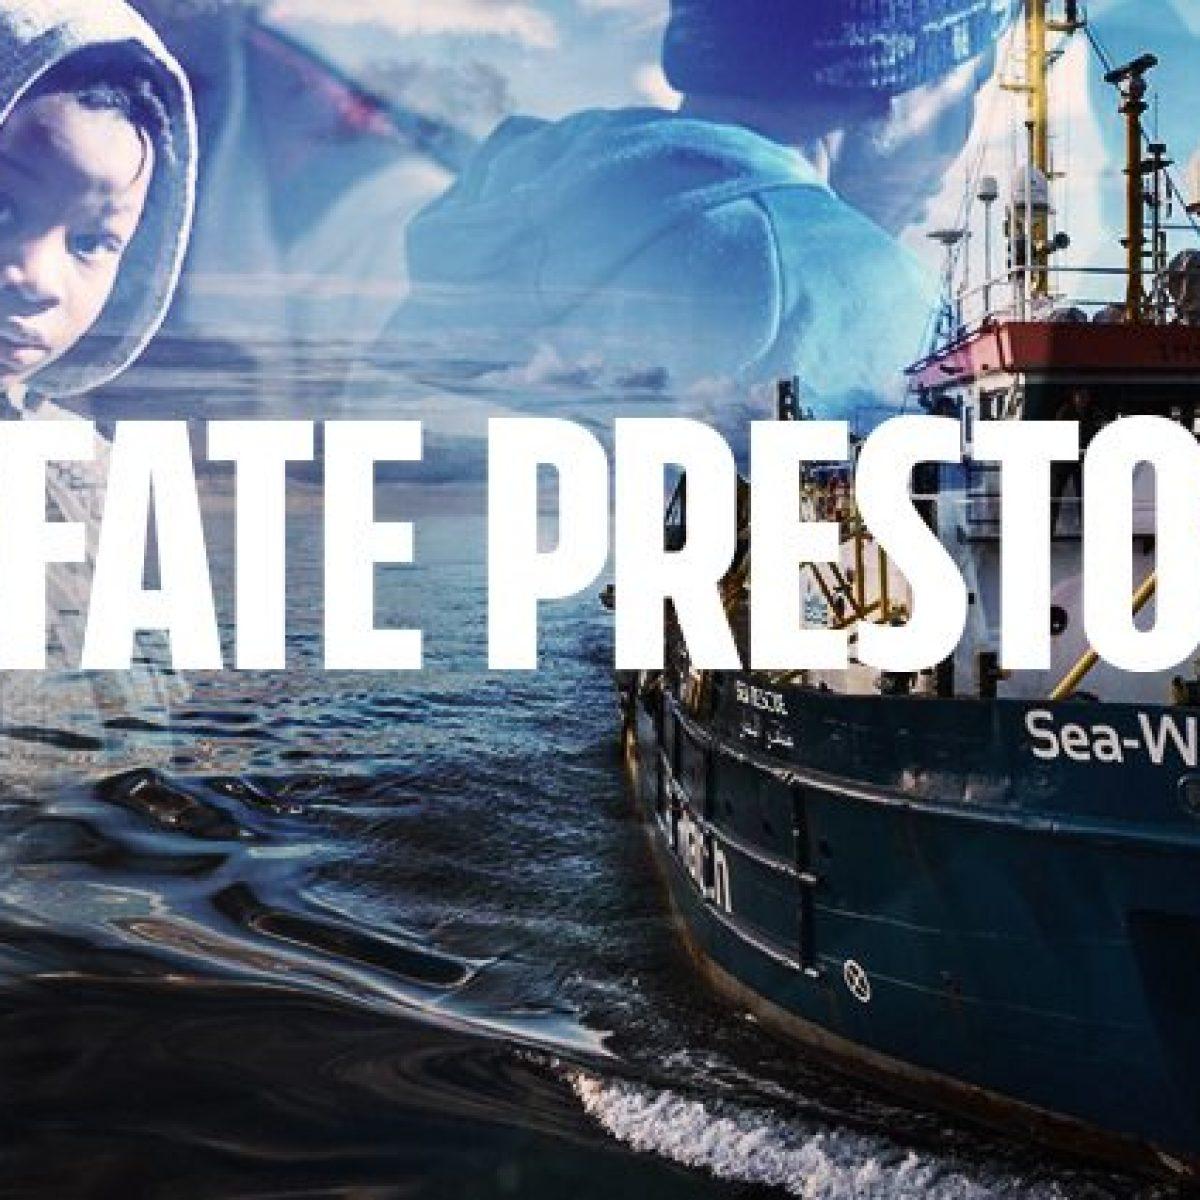 https://static.fanpage.it/wp-content/uploads/2019/01/fate-presto-sea-watch-3-articolo-1200x1200.jpg